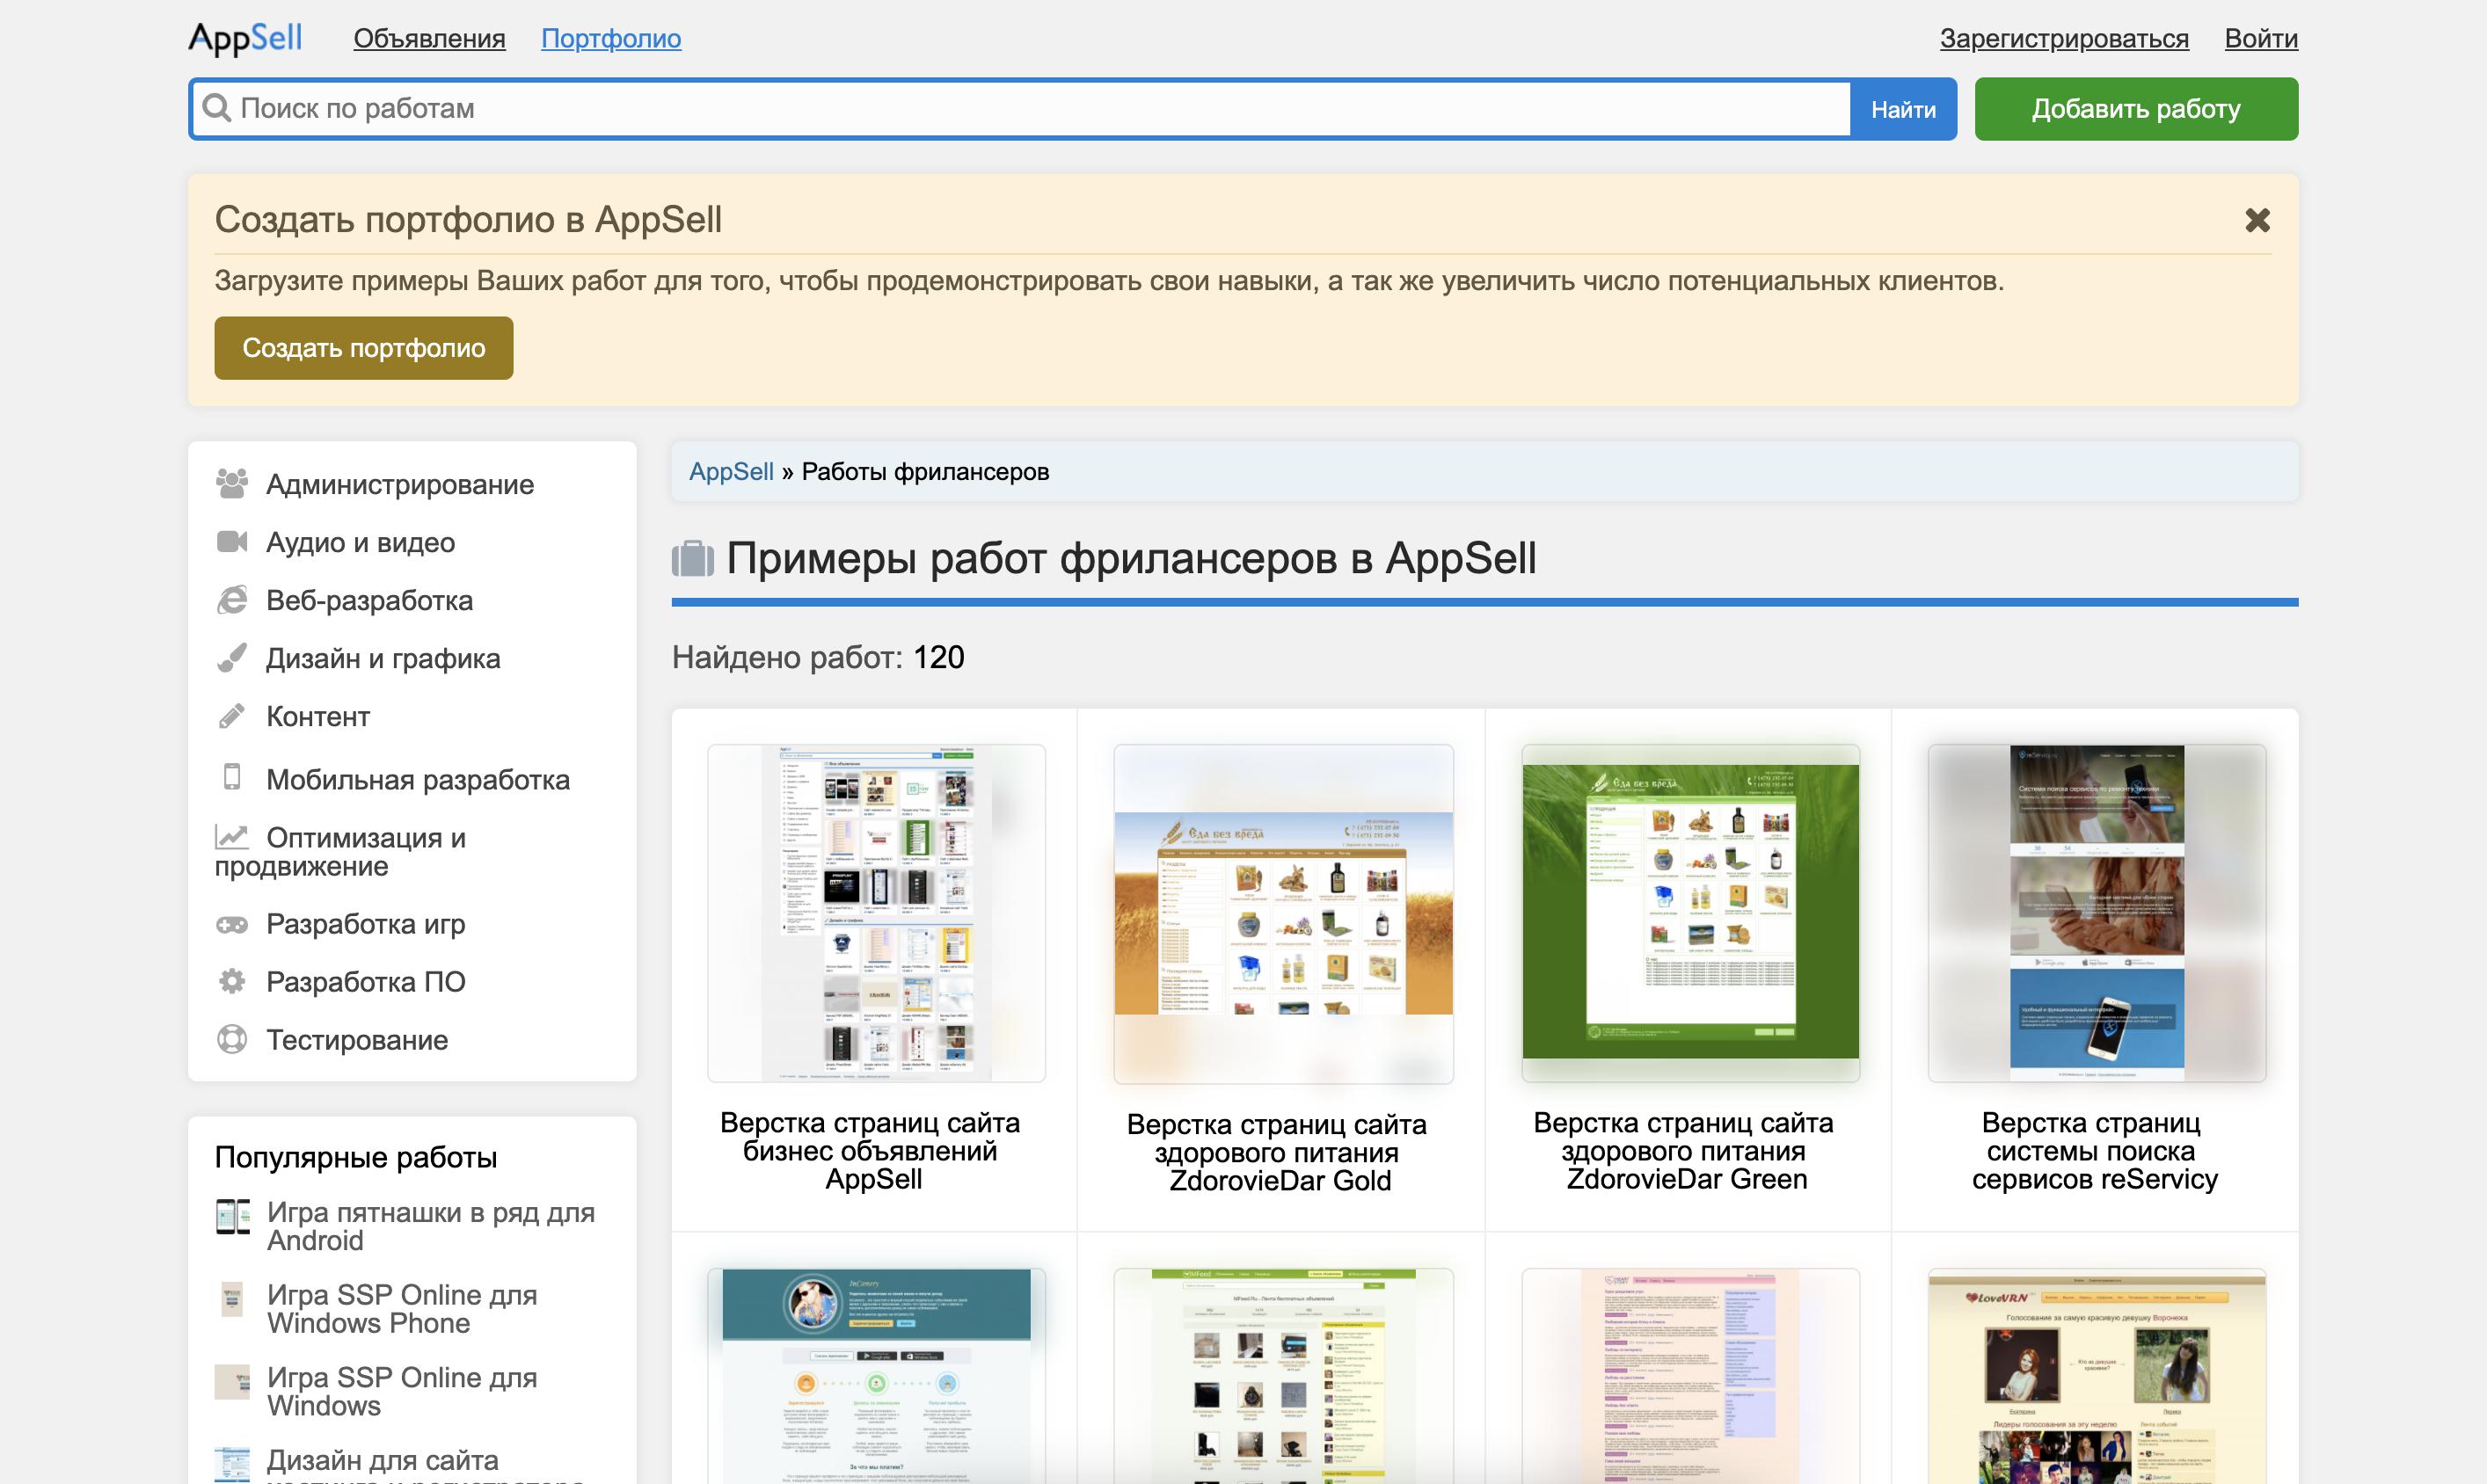 Раздела портфолио в AppSell (Laravel)